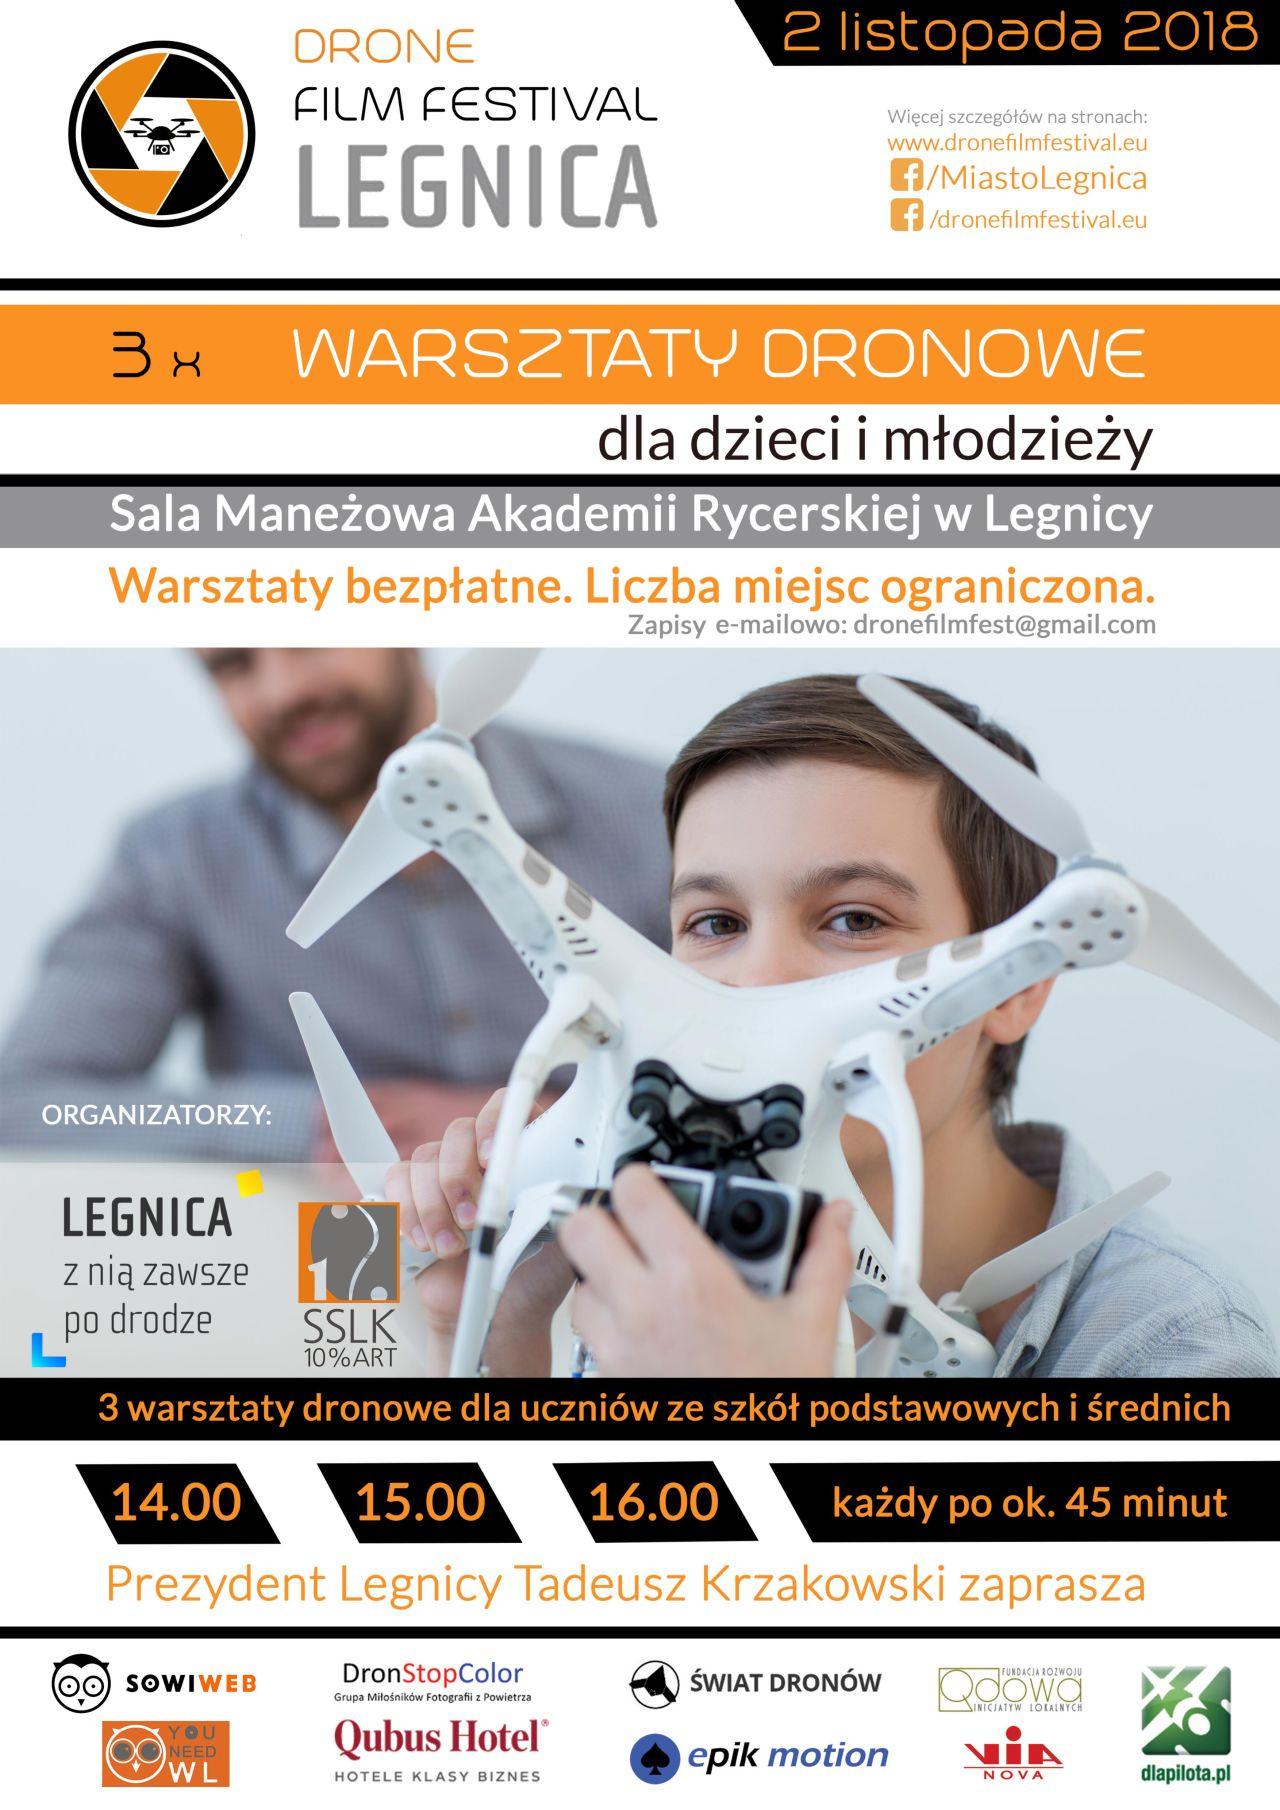 Gratka dla miłośników dronów. Festiwal i warsztaty w Legnicy